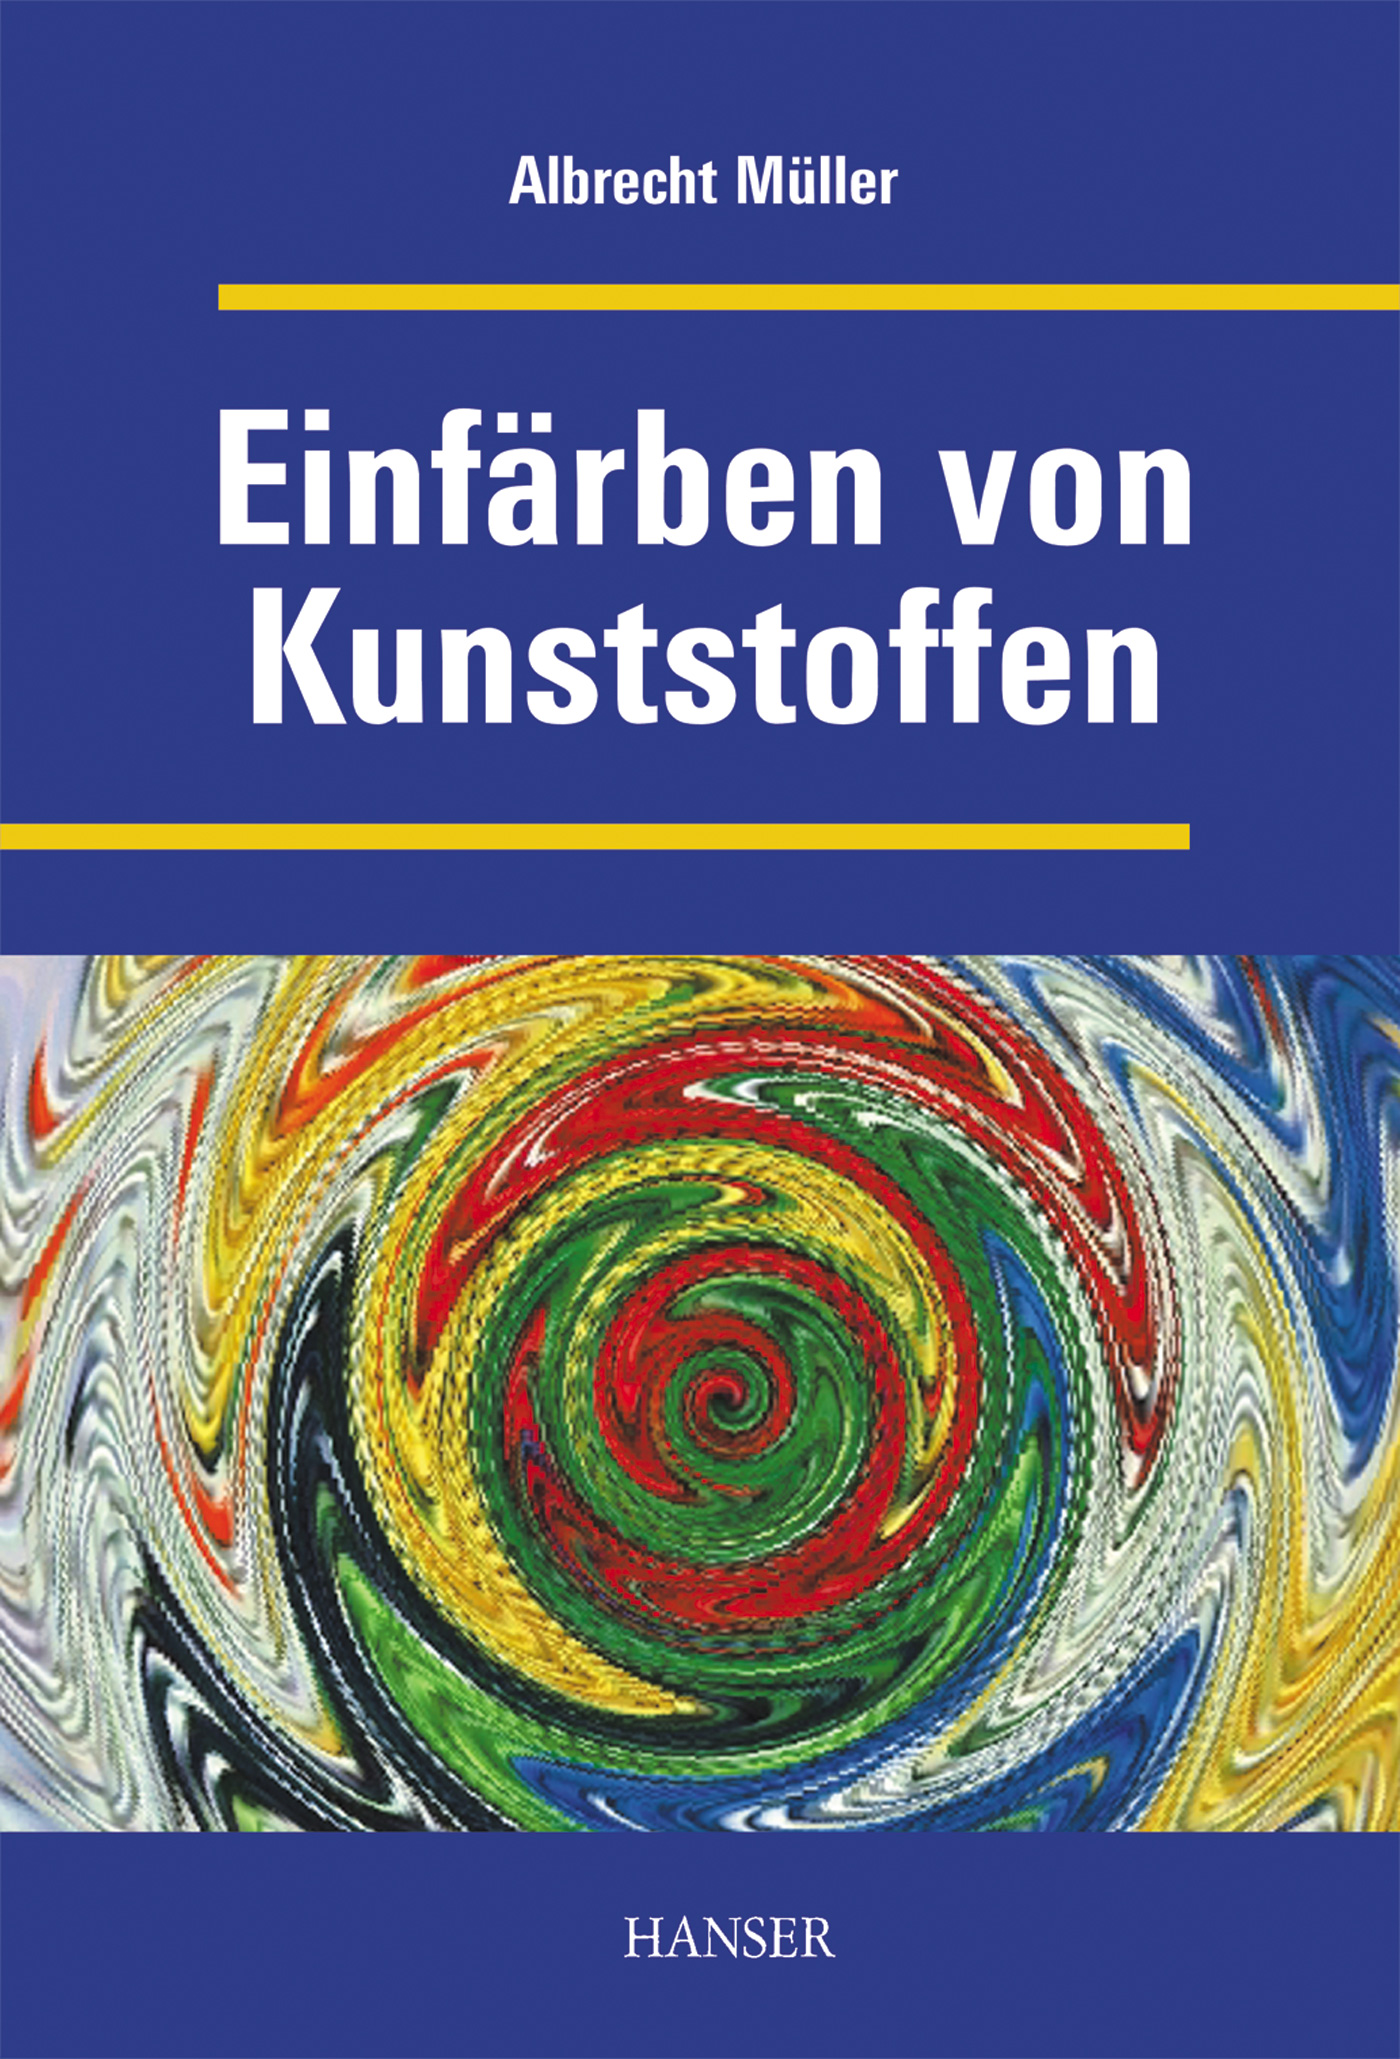 Müller, Einfärben von Kunststoffen (Print-on-Demand), 978-3-446-44091-3